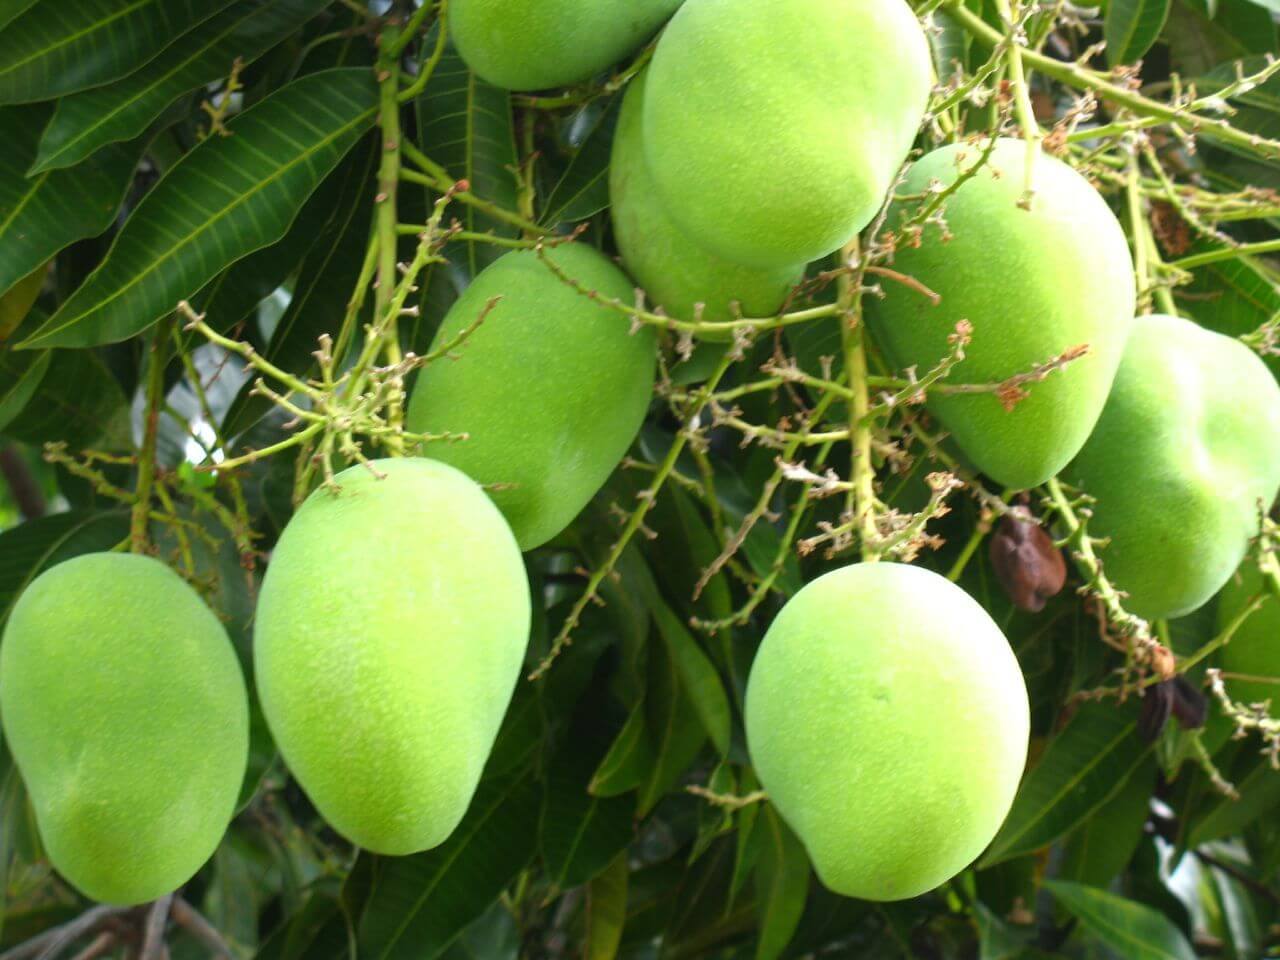 Как вырастить дерево манго в домашних условиях?